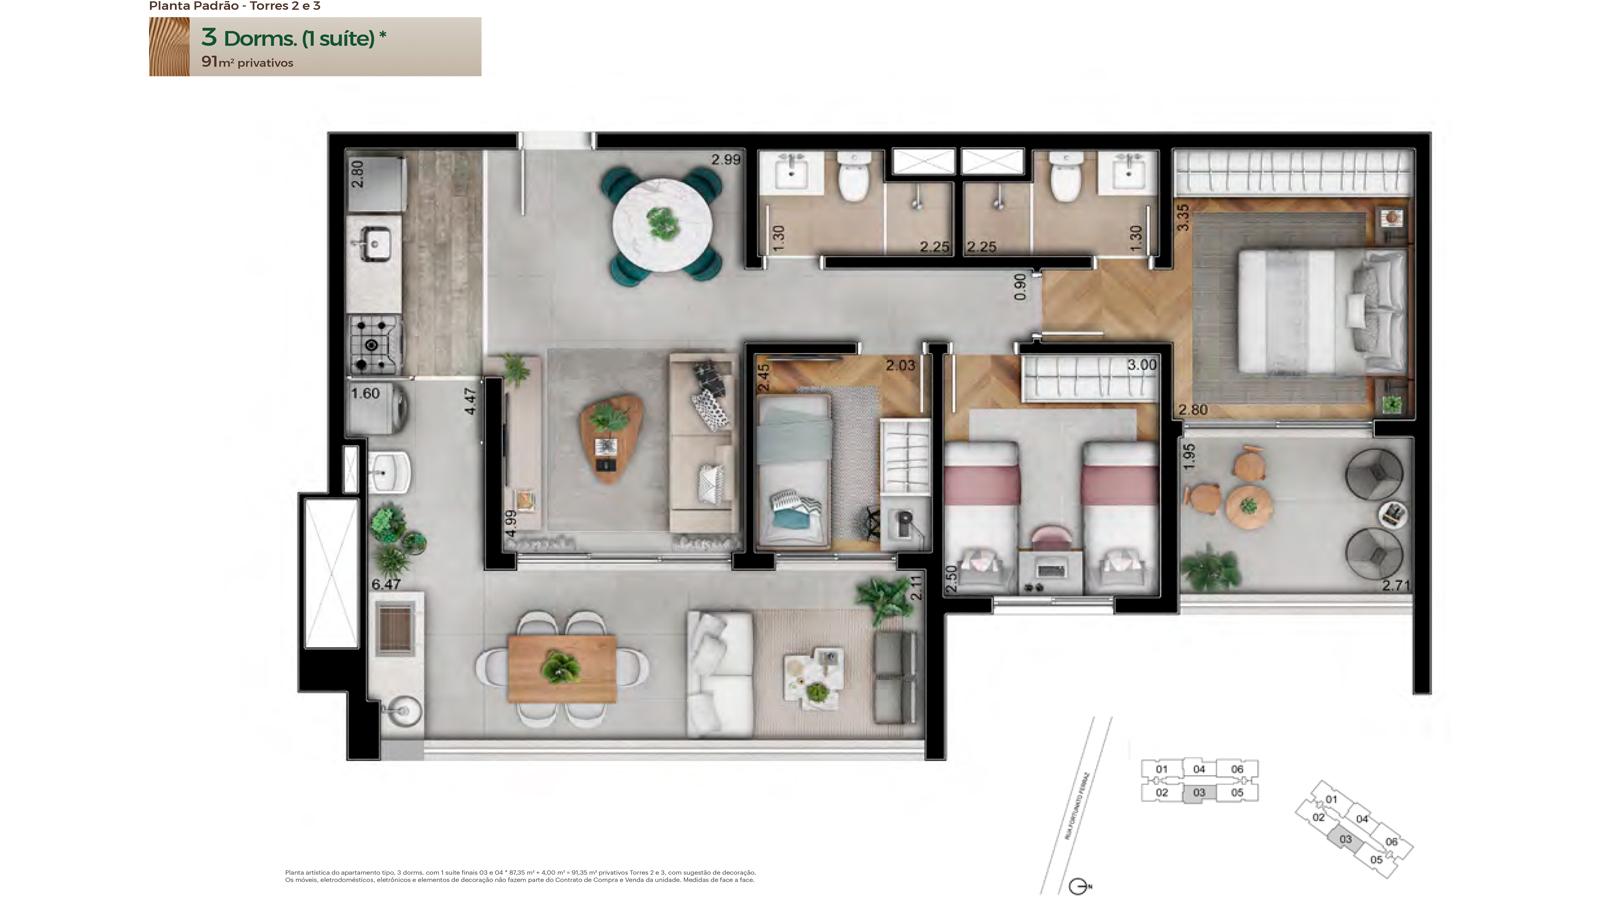 Planta Padrão - Torres 2 e 3 - 91m² privativos - 3 dorms. (1 suíte)